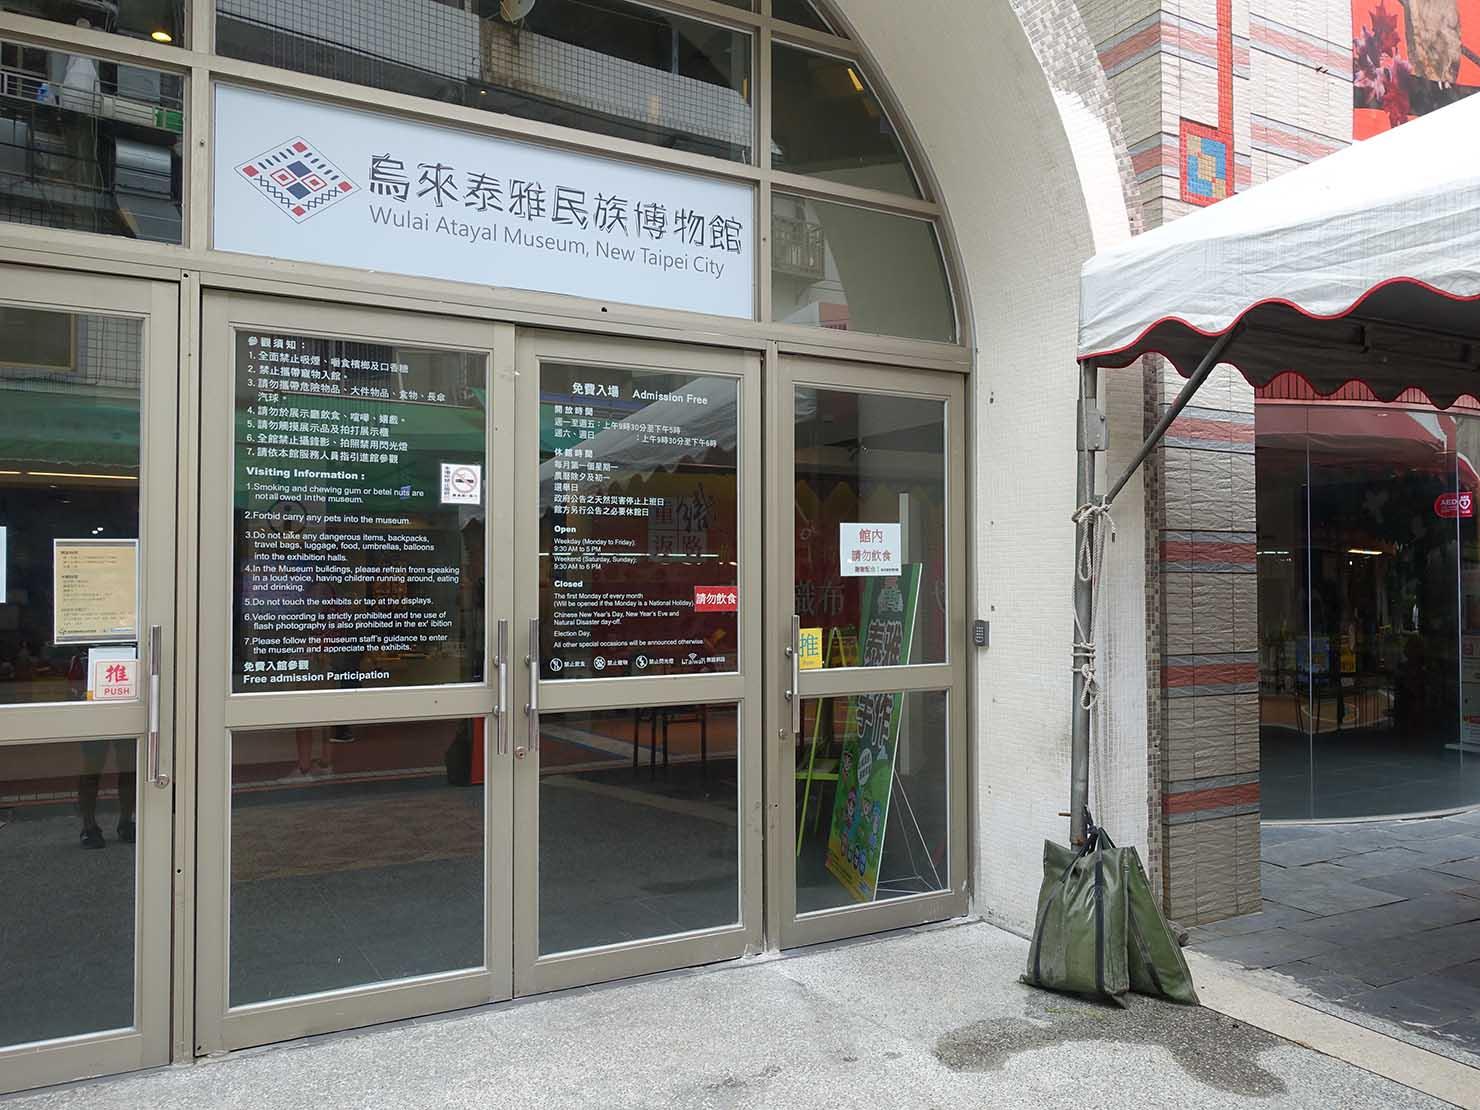 台北・烏來温泉の老街にある「烏來泰雅民族博物館」